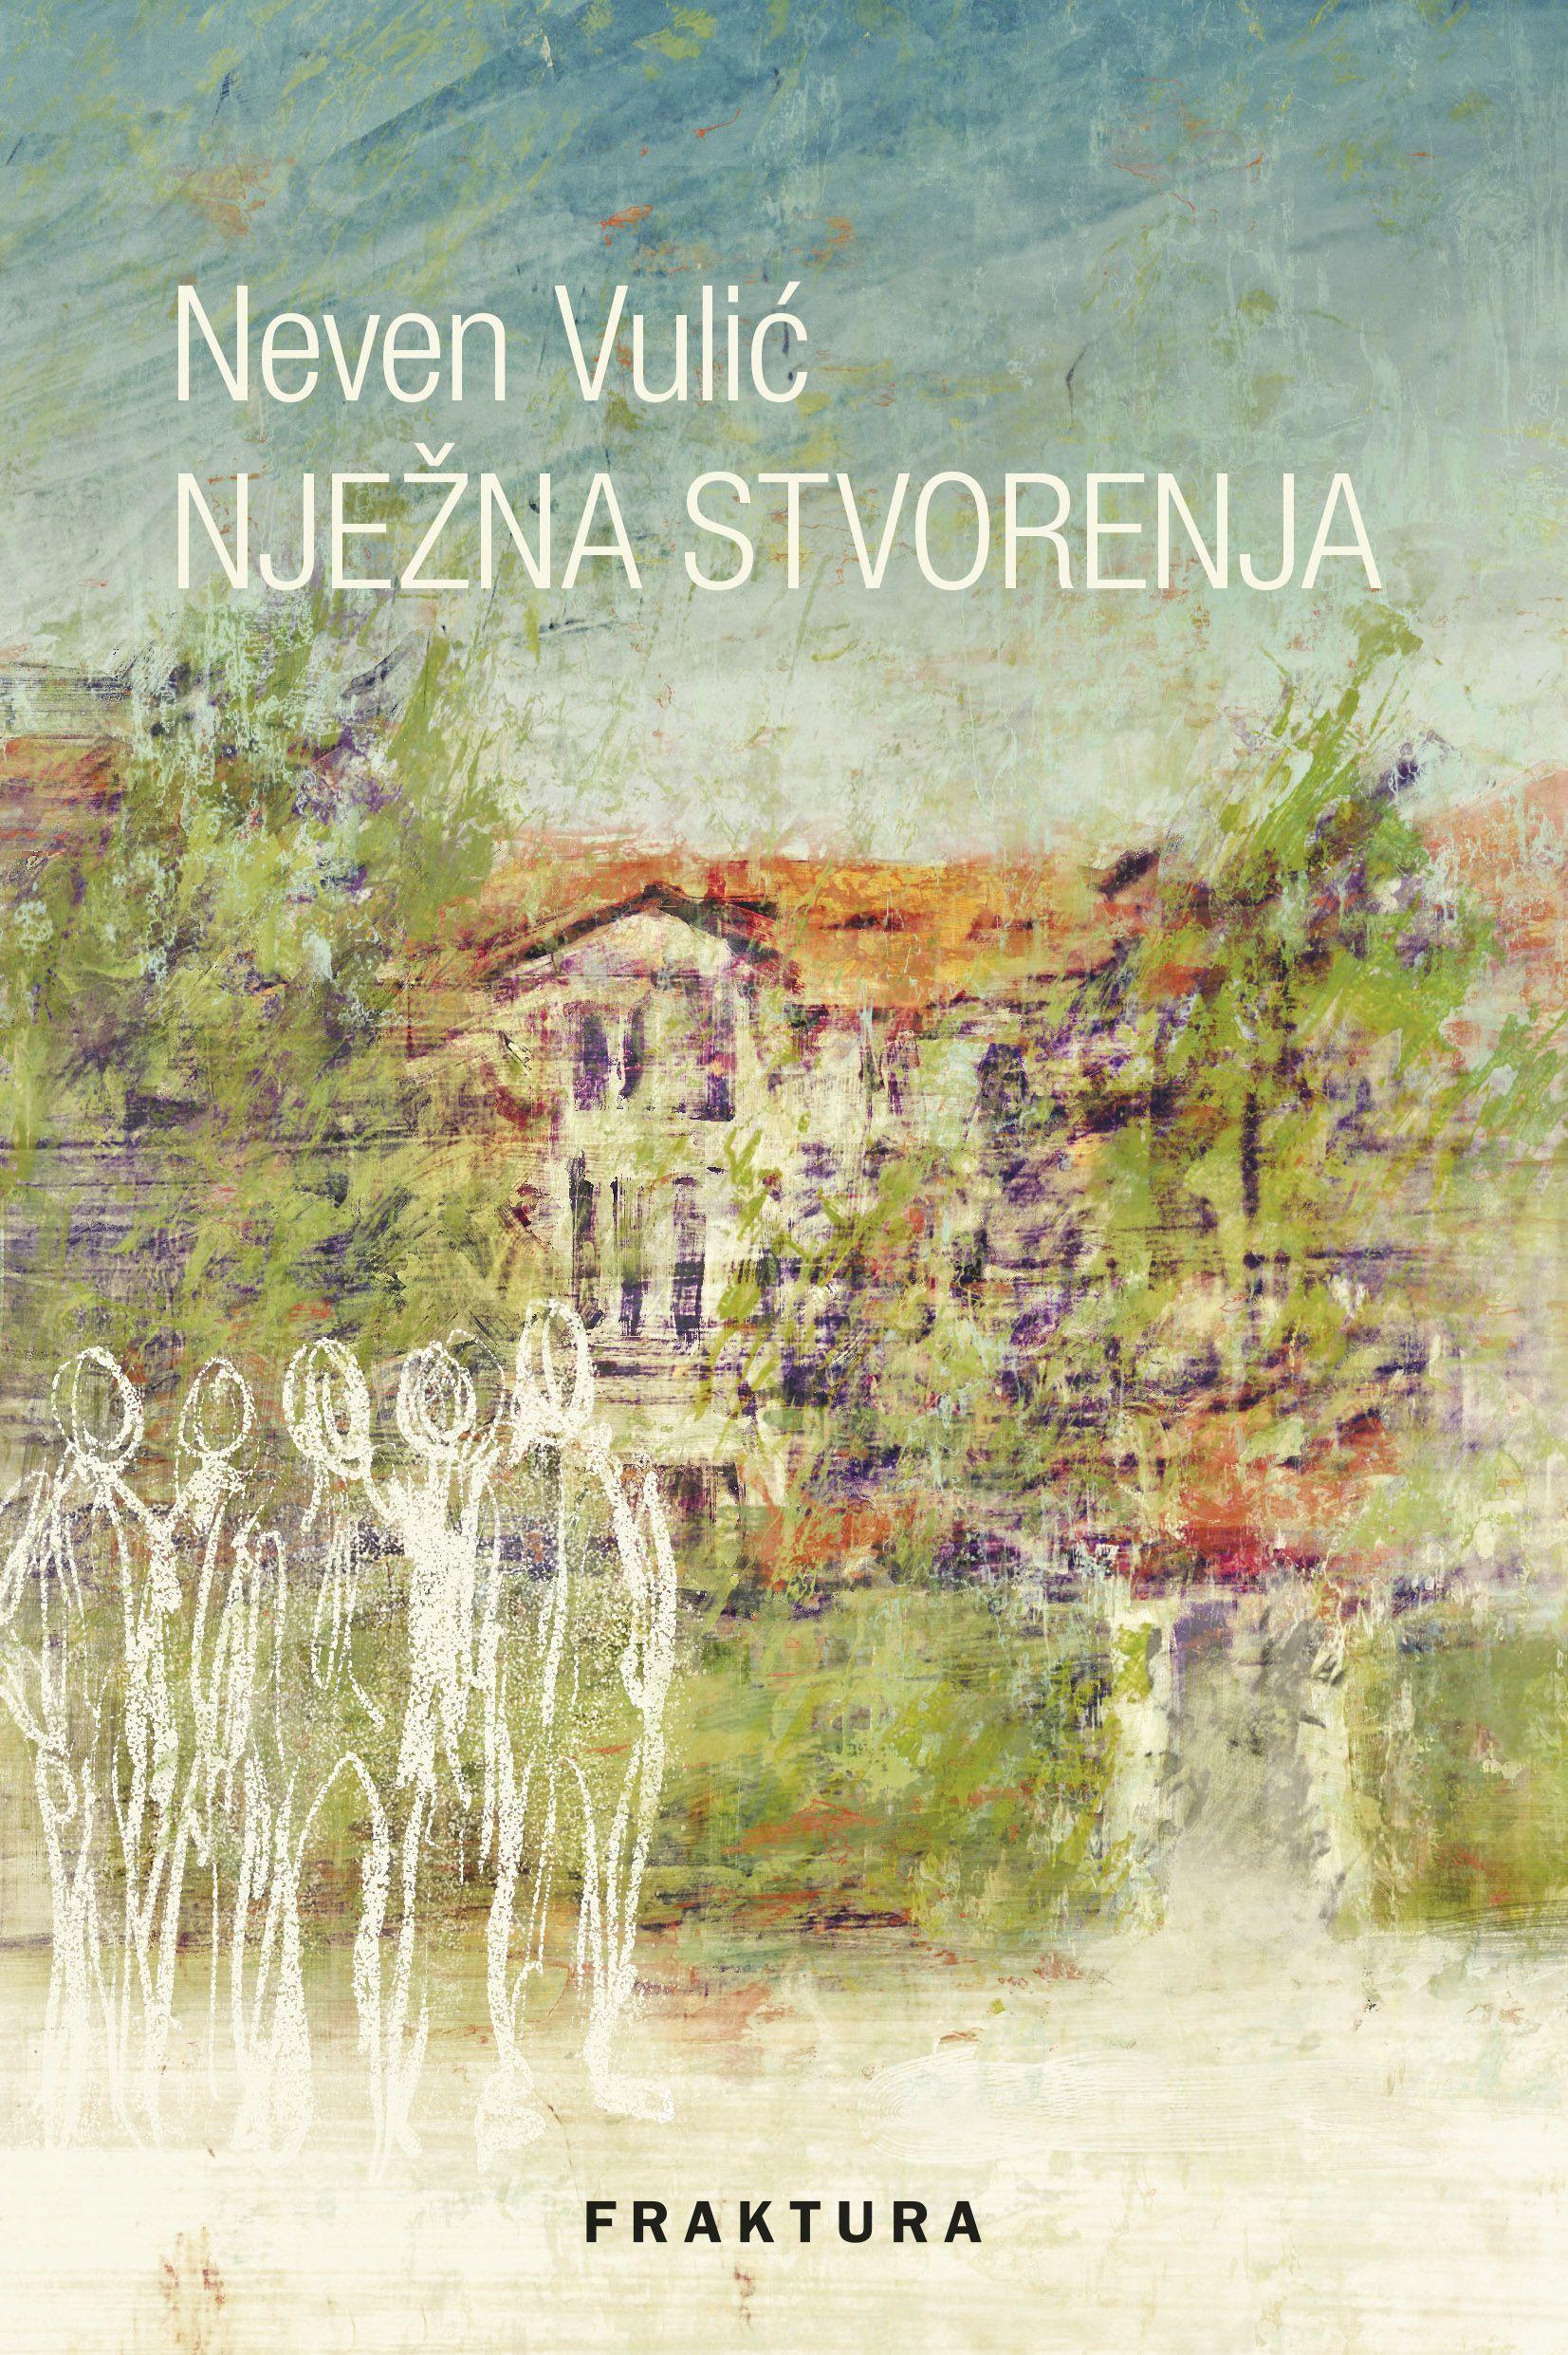 Večeras – Predstavljanje knjige 'Nježna stvorenja' Nevena Vulića